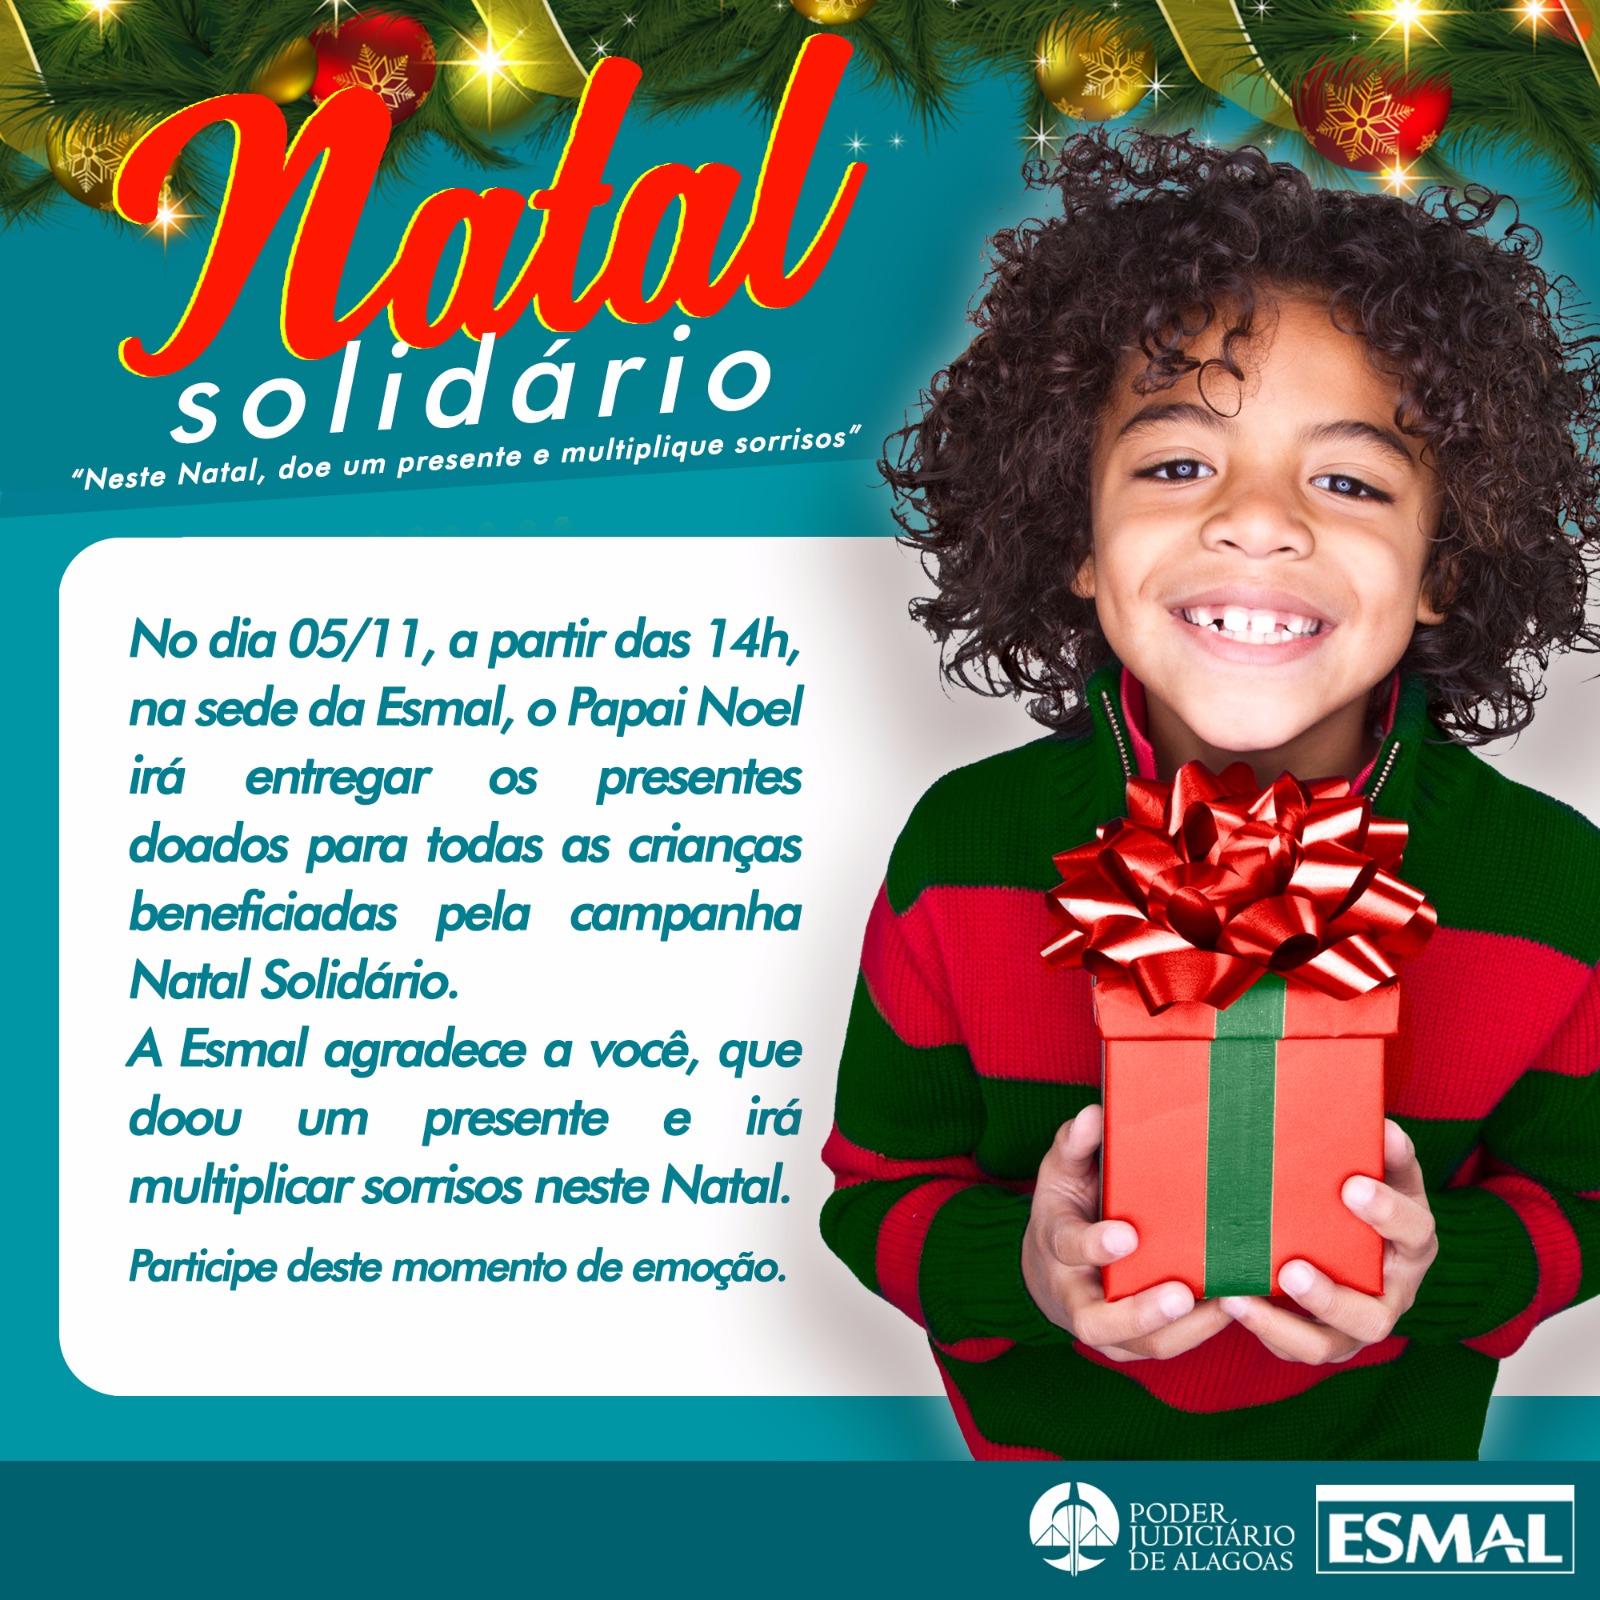 Convite para a grande celebração do Natal Solidário